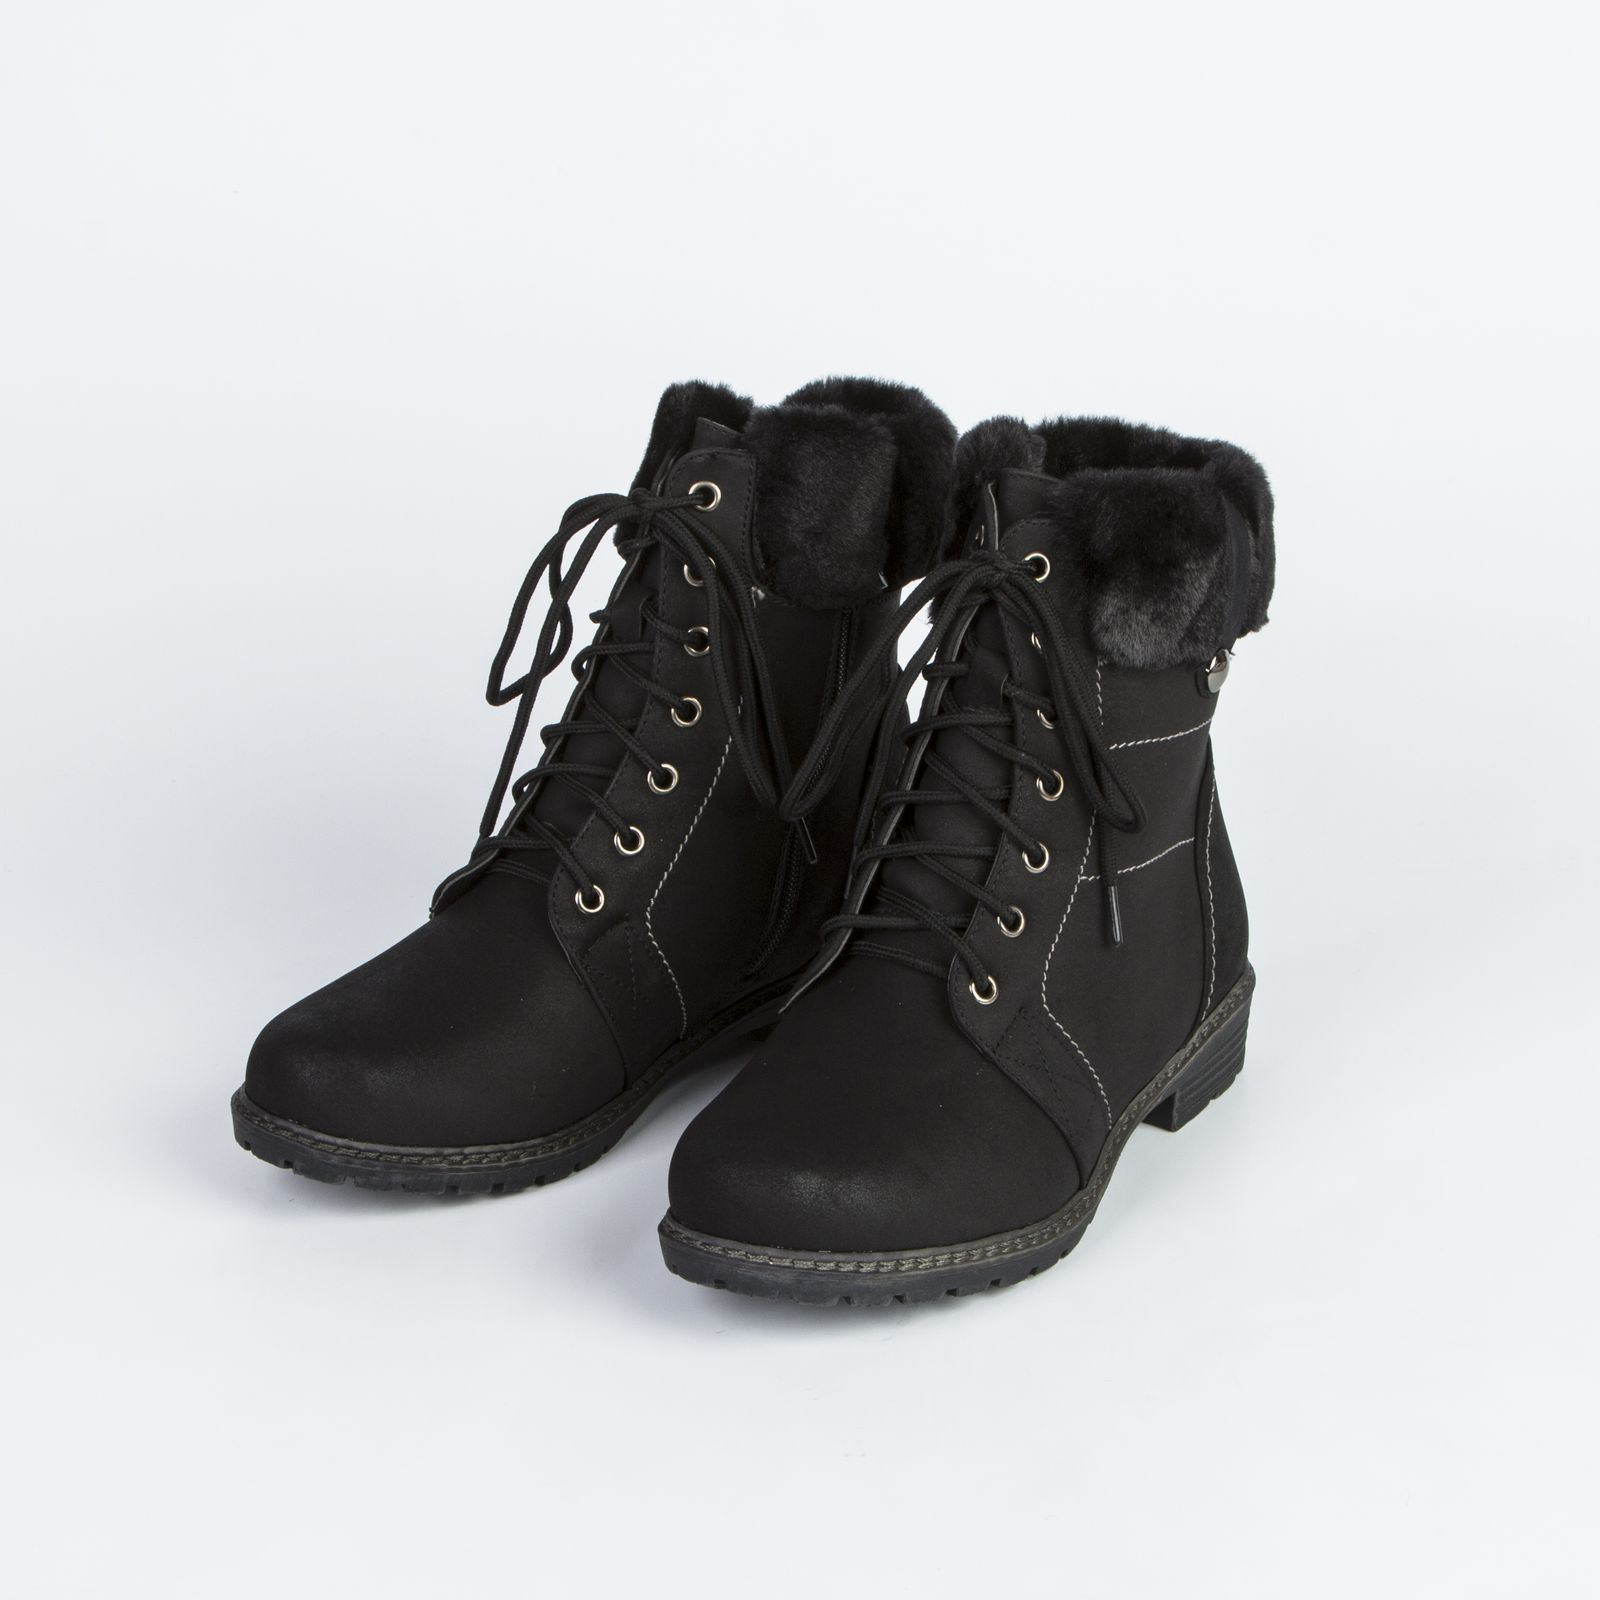 Ботинки женские с меховой опушкой и шнуровкой